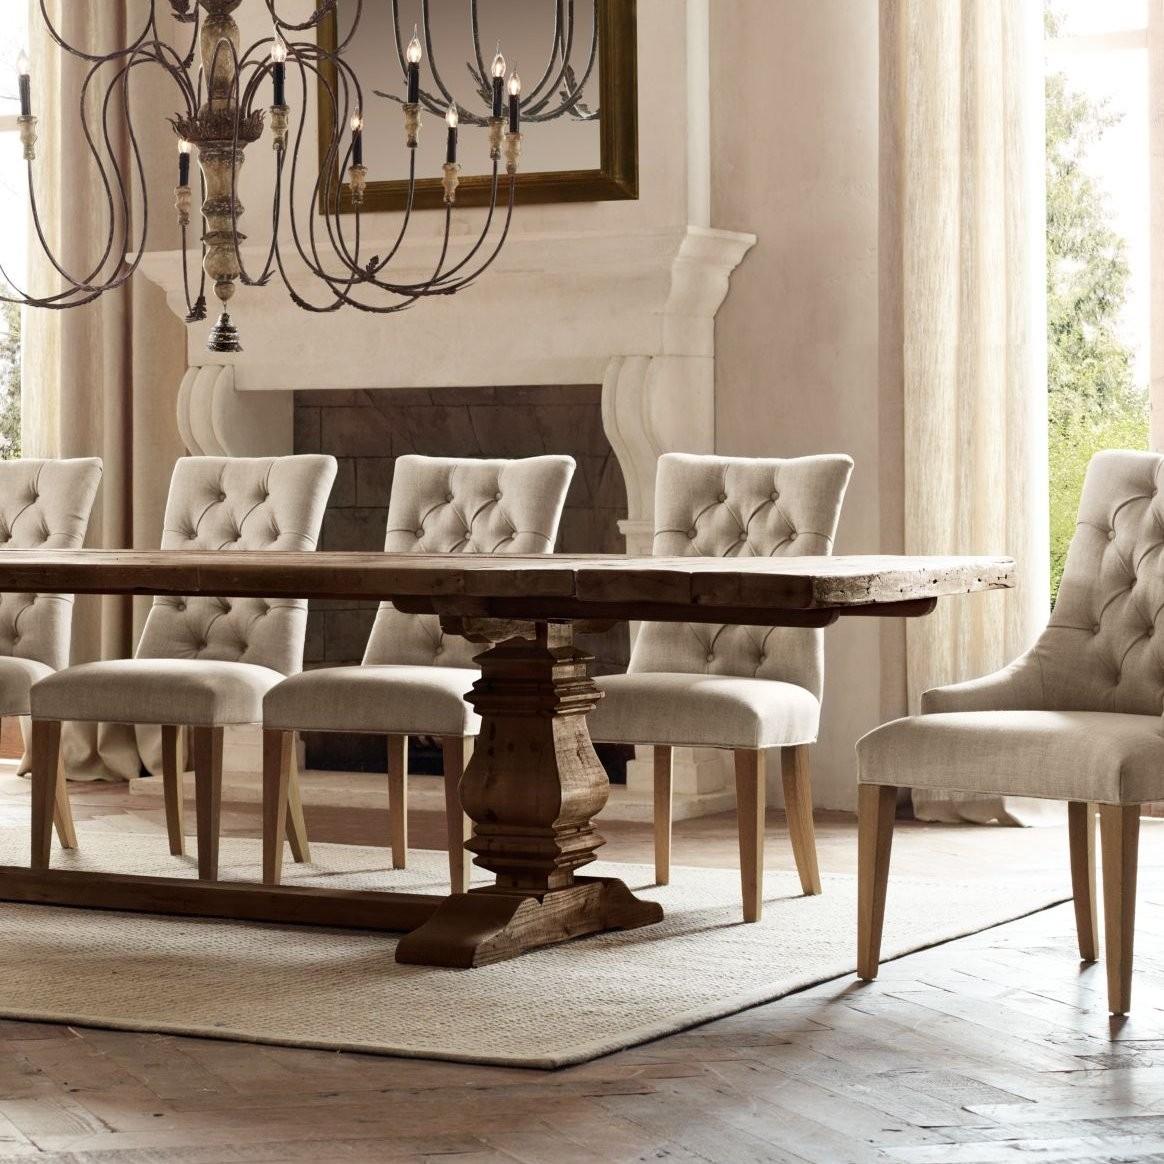 Merveilleux Rectangular Pedestal Dining Table